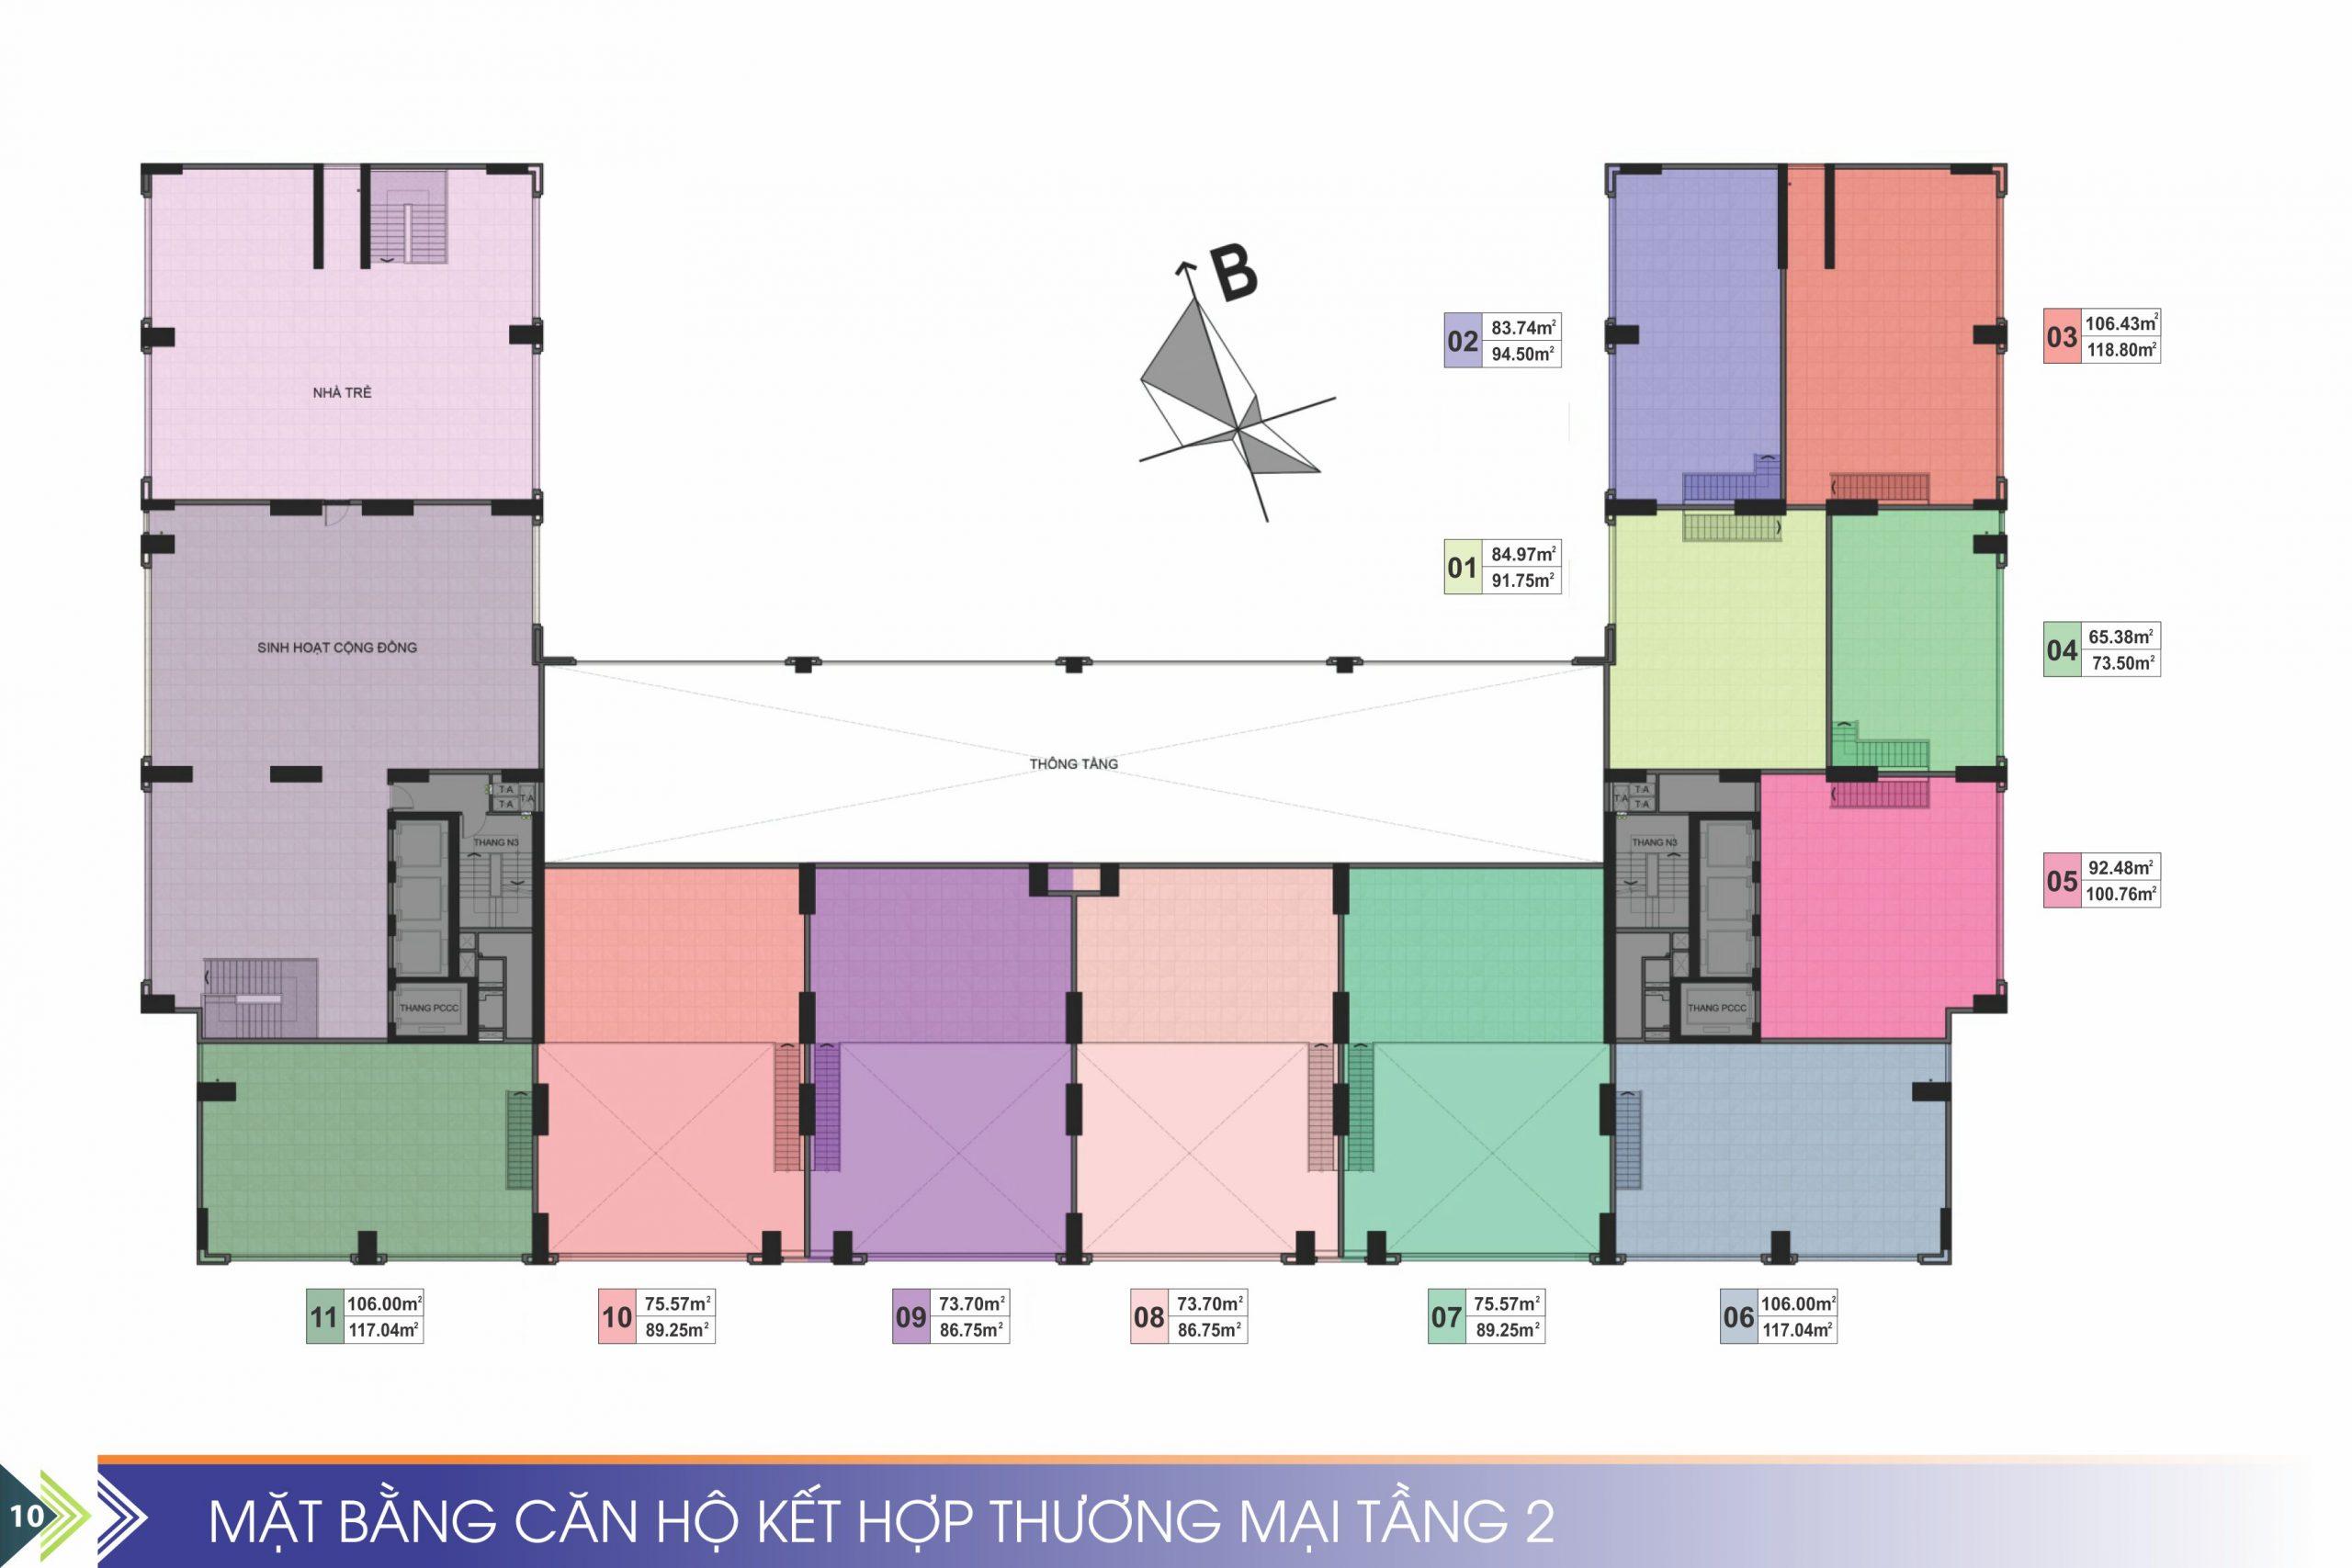 mb căn hộ thương mại tầng 2